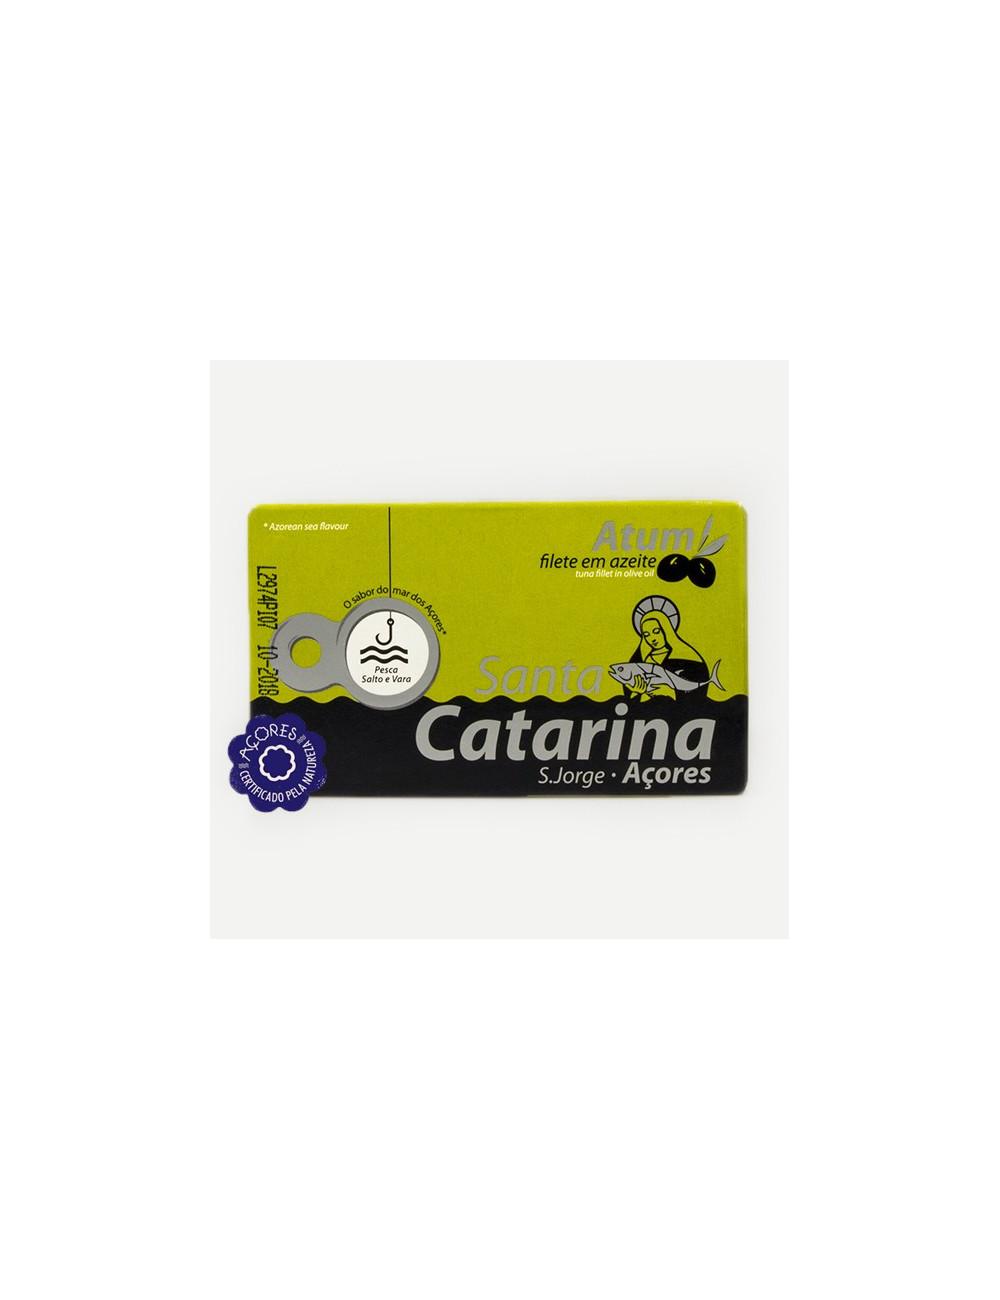 Tuna Fillet in Olive Oil